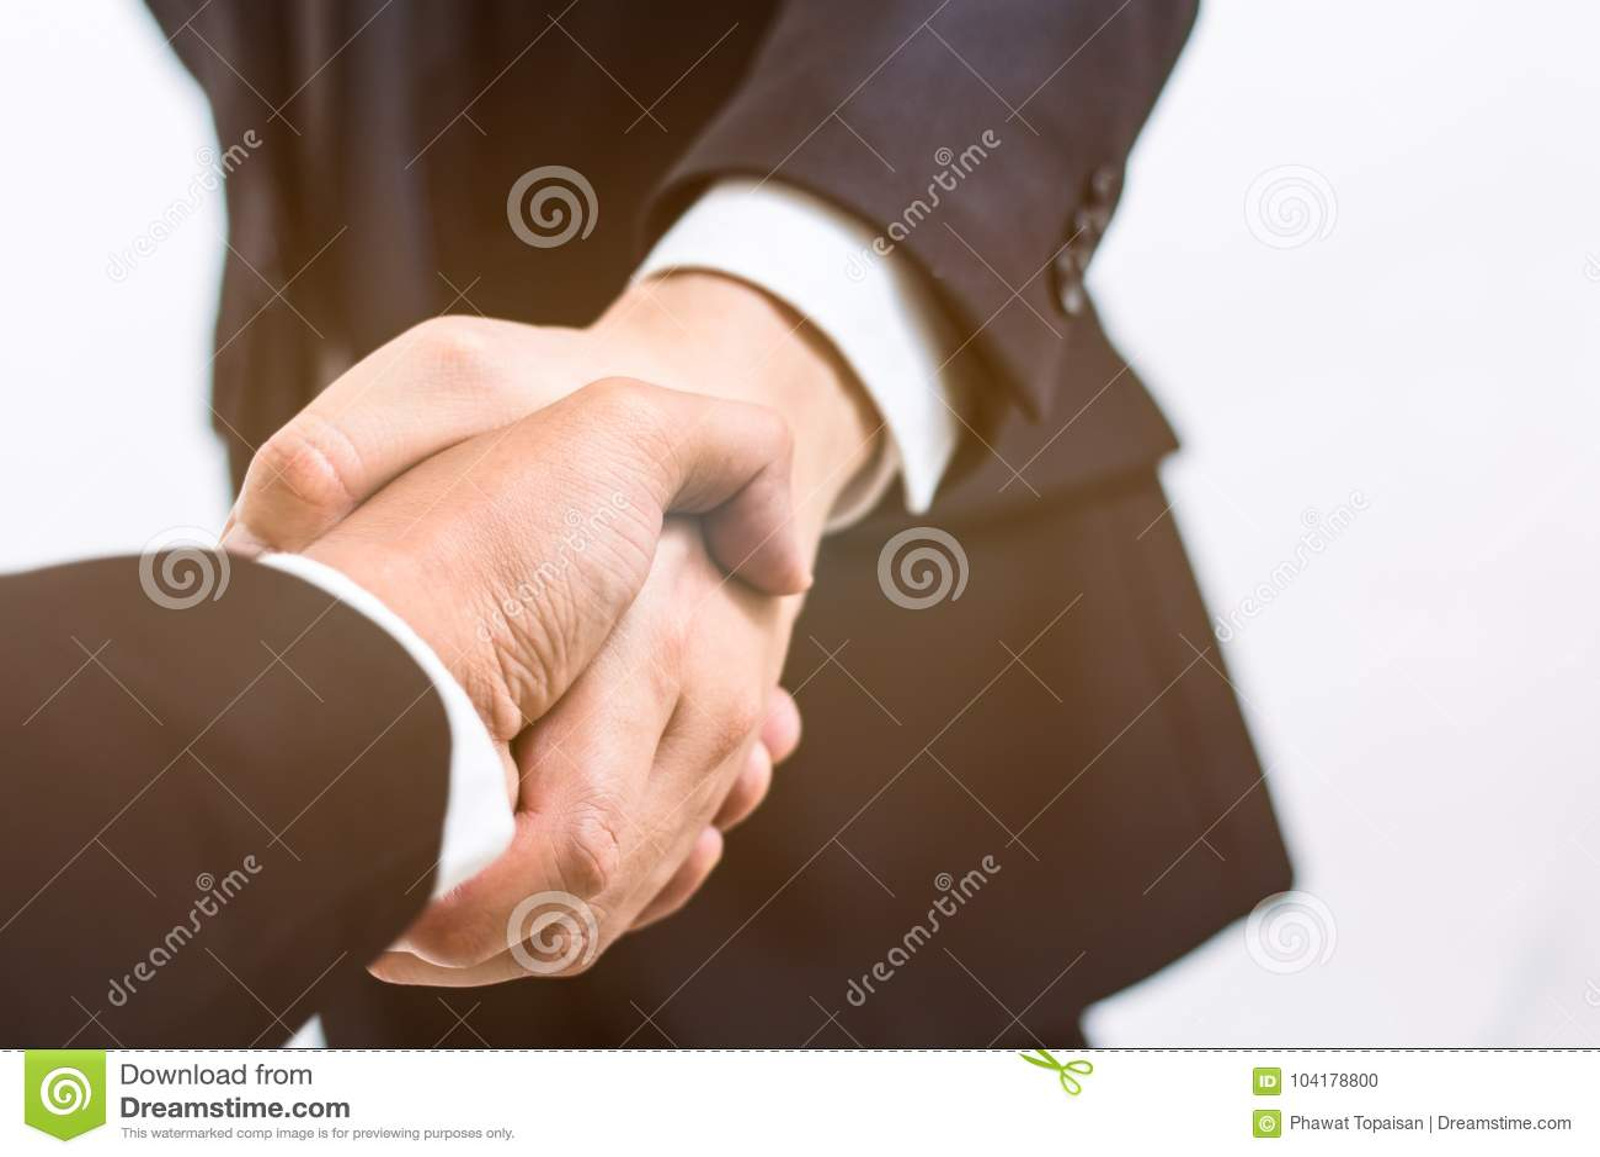 χρυσή ιδιοκτησία βασικών πλήκτρων επιχειρησιακής έννοιας που φθάνει στον ουρανό Η χειραψία για κάνει τη συμφωνία στη σύμβαση